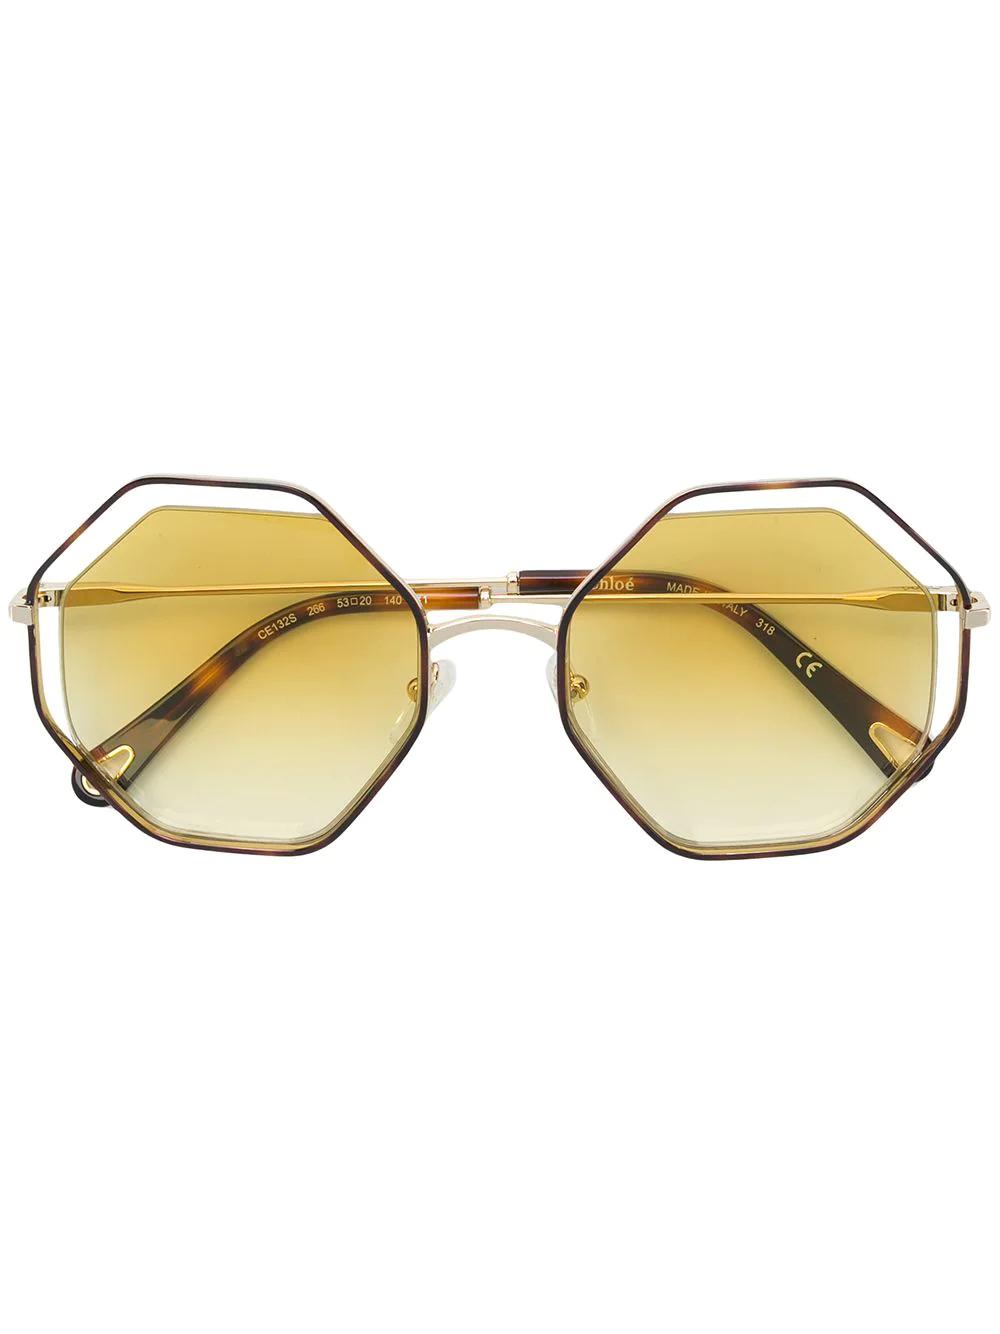 Chloé | солнцезащитные очки в восьмиугольной черепаховой оправе | Clouty